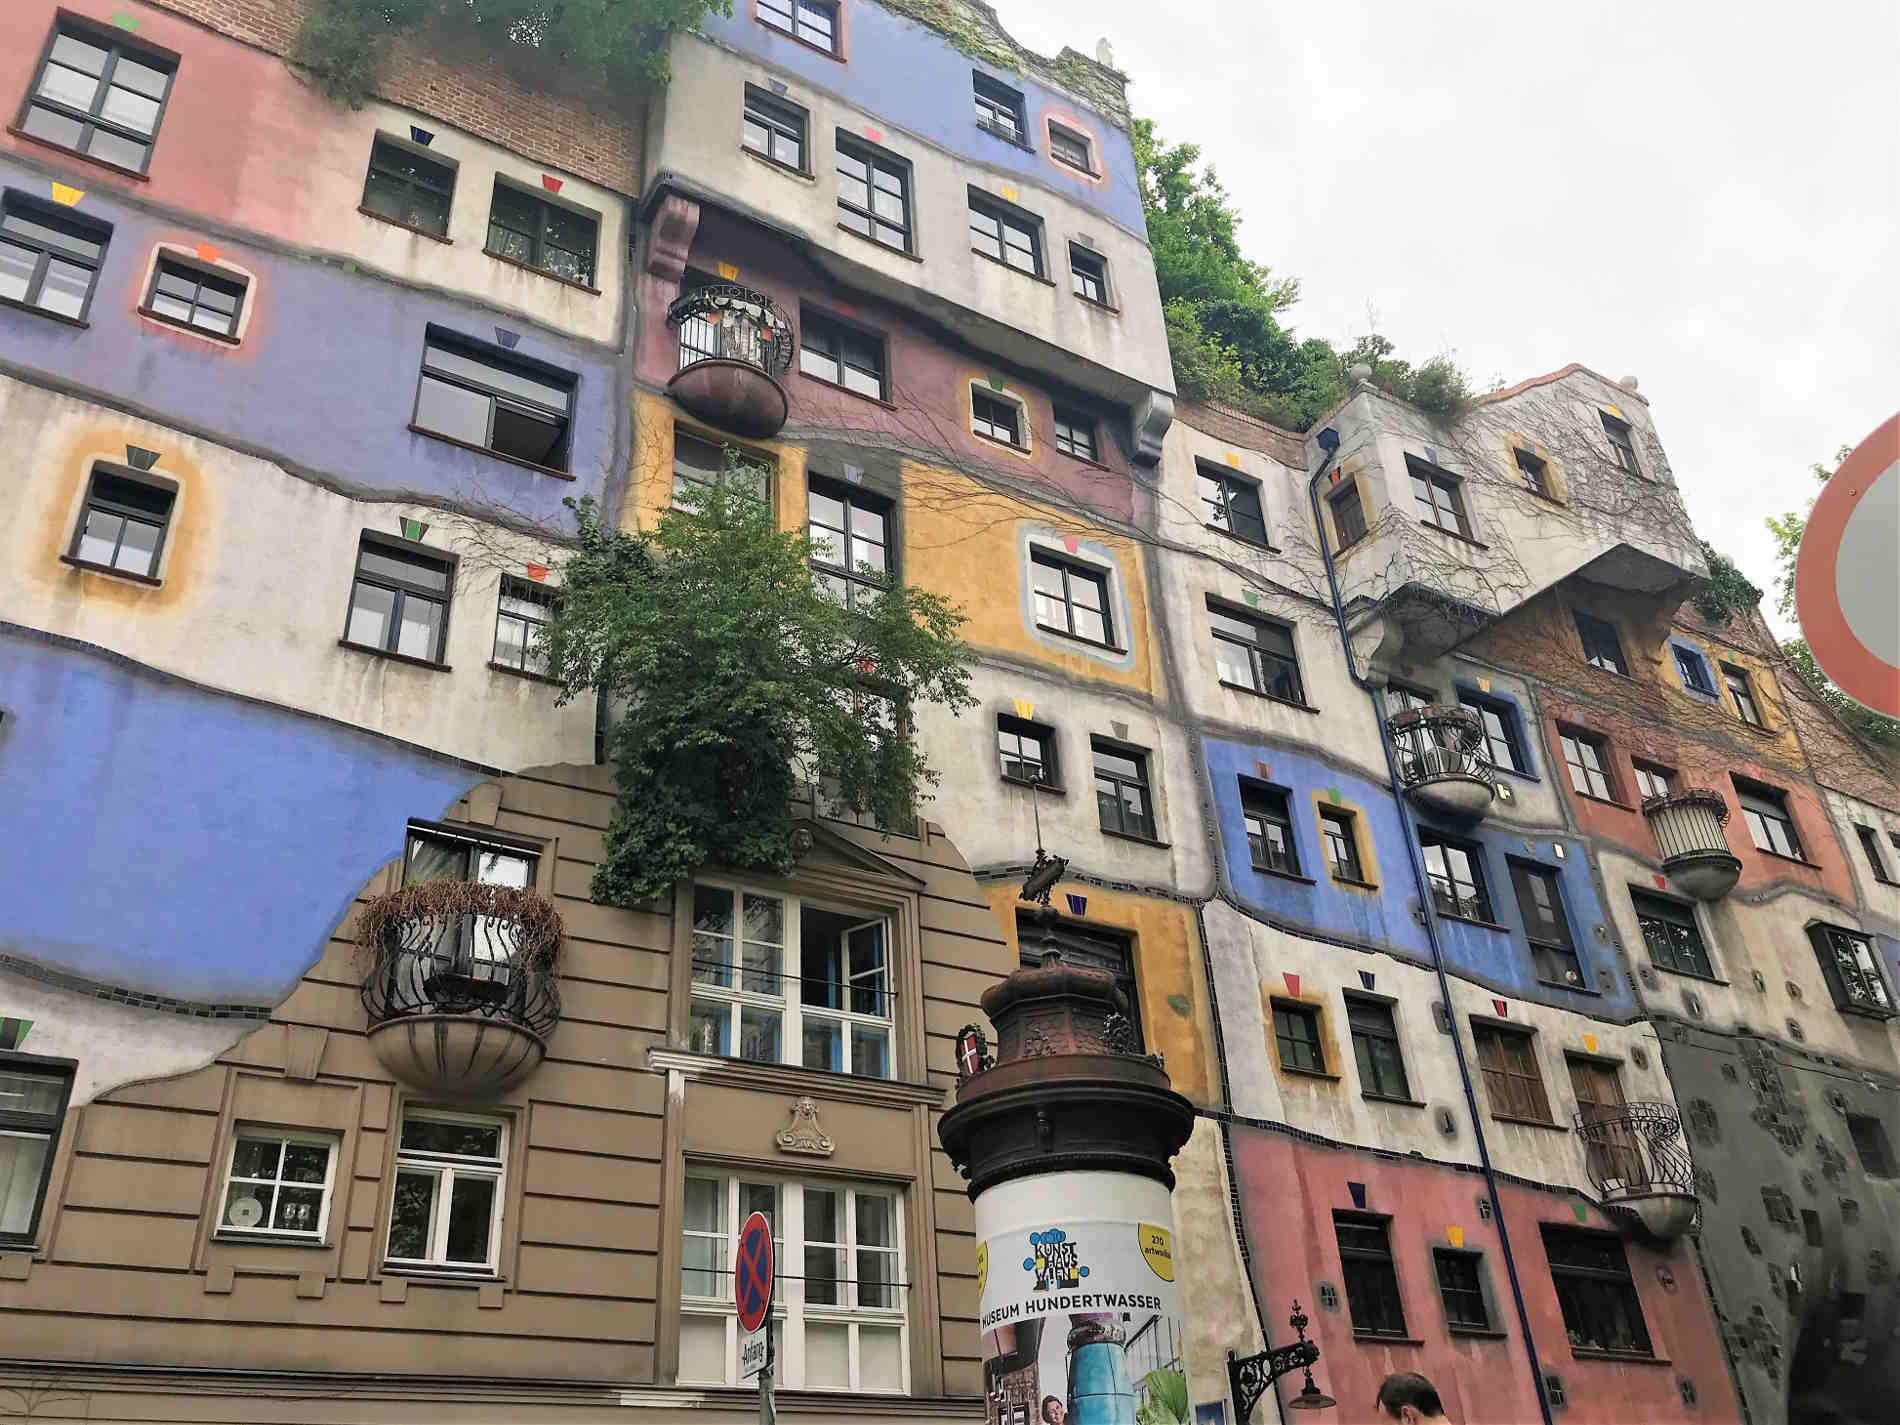 Cosa vedere a Vienna capitale dell'Austria - La Hundertvasserhouse